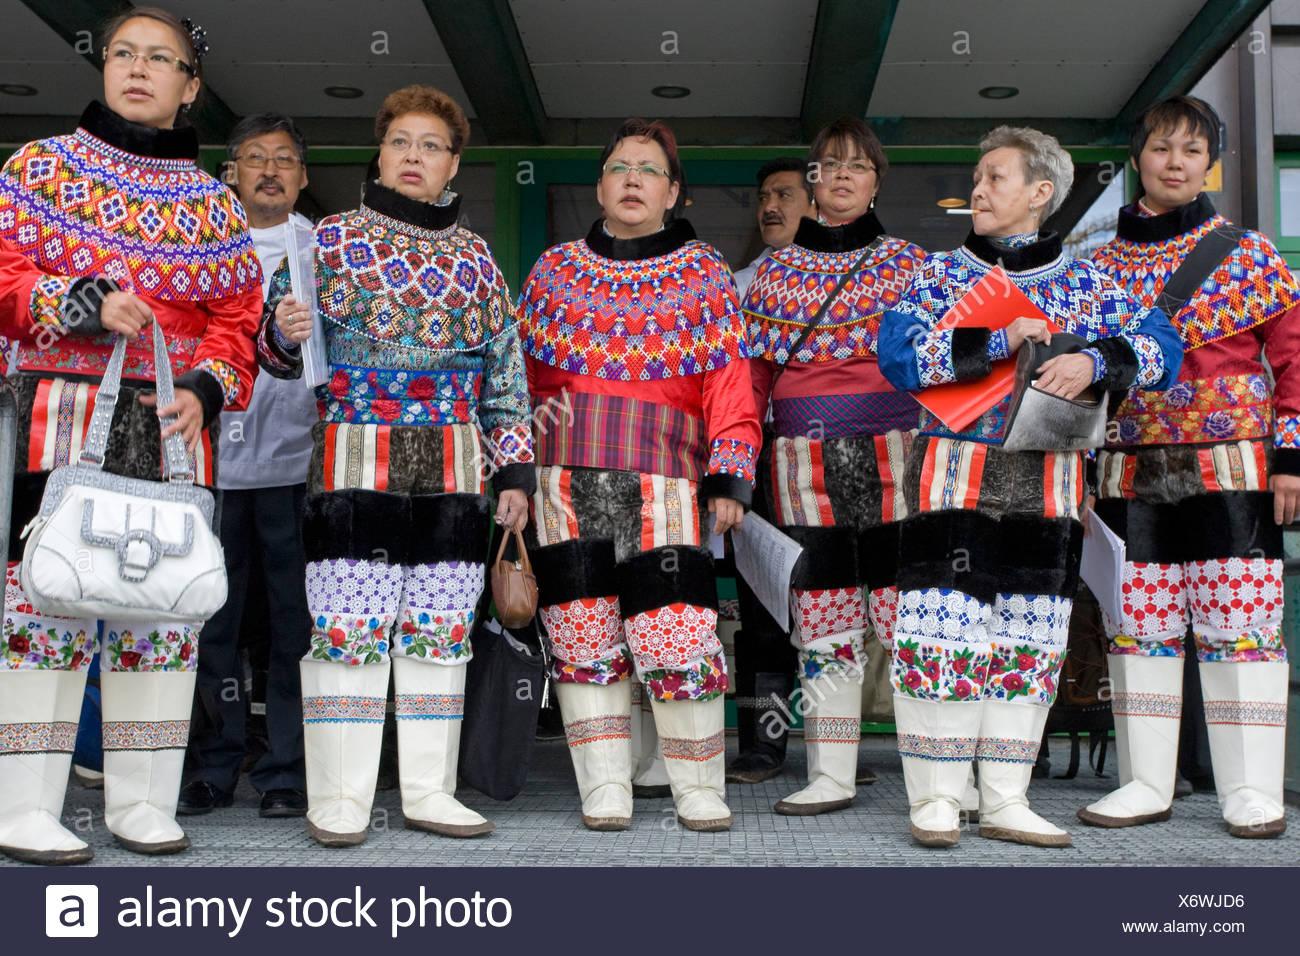 Personas vestidas con el traje tradicional en el Día Nacional de Groenlandia en Nuuk, Groenlandia. Imagen De Stock